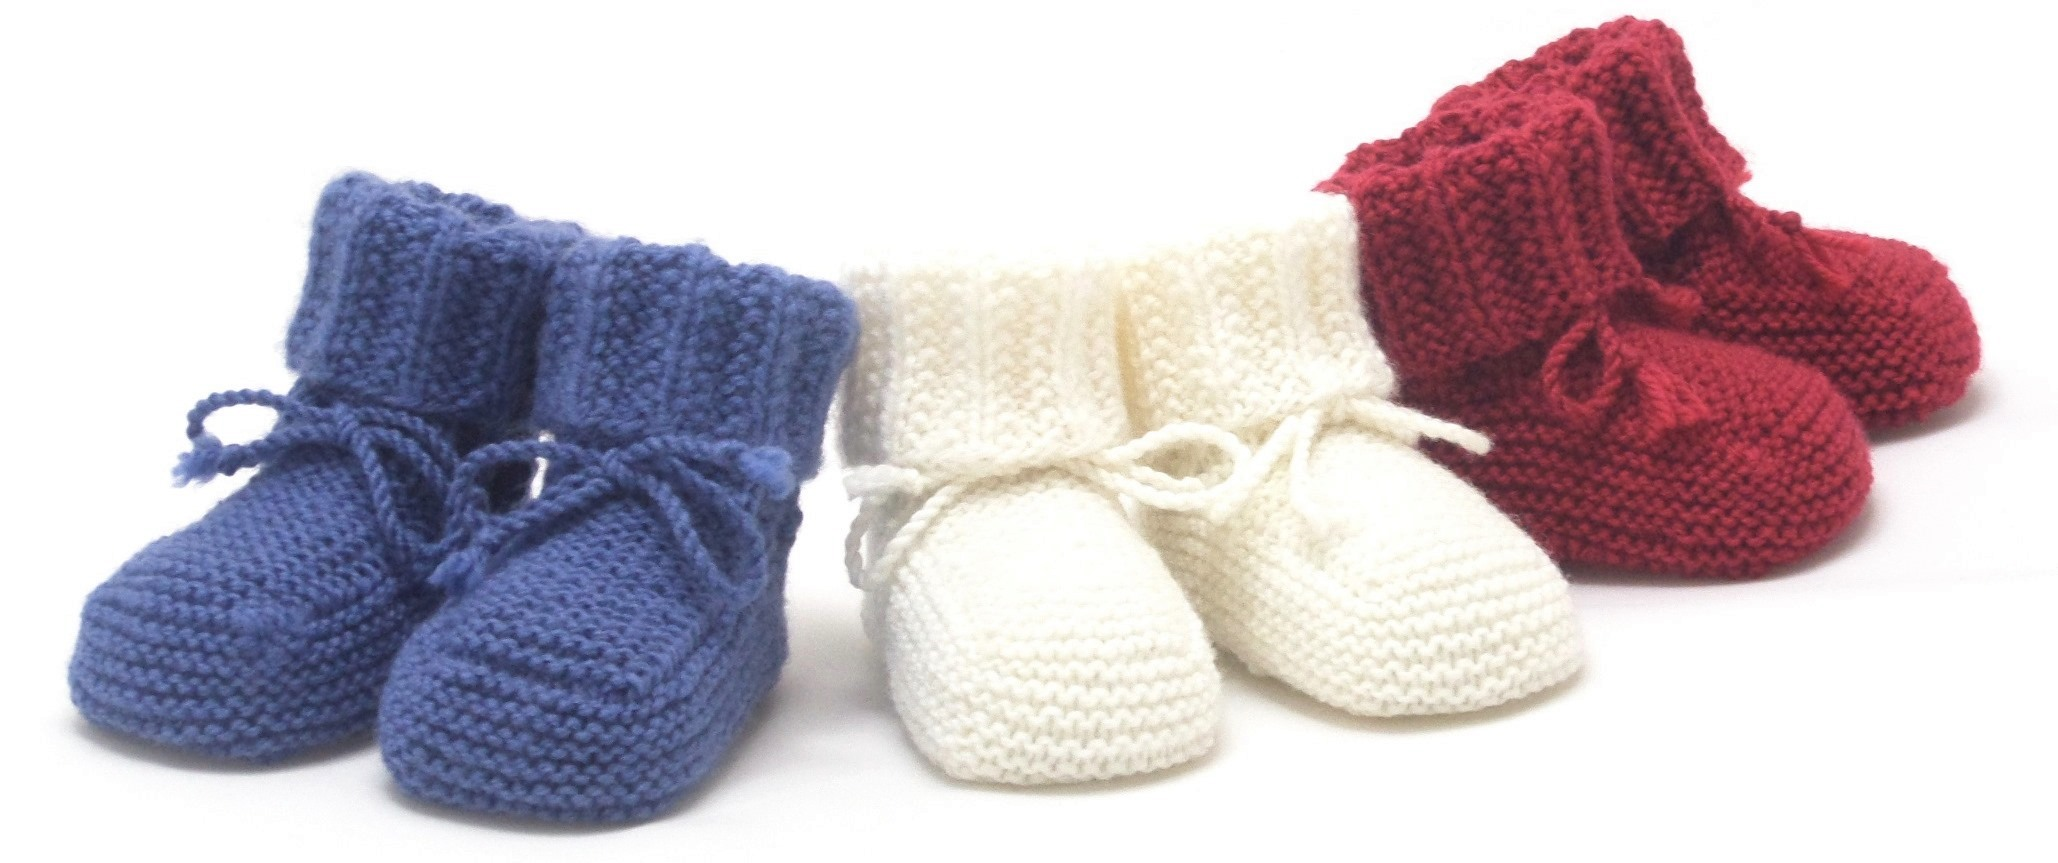 Nos petits chaussons sont simples et surtout pratiques! tricotés à la main  en laine mérinos, ils remplissent parfaitement leur rôle. d055dbd4ecd